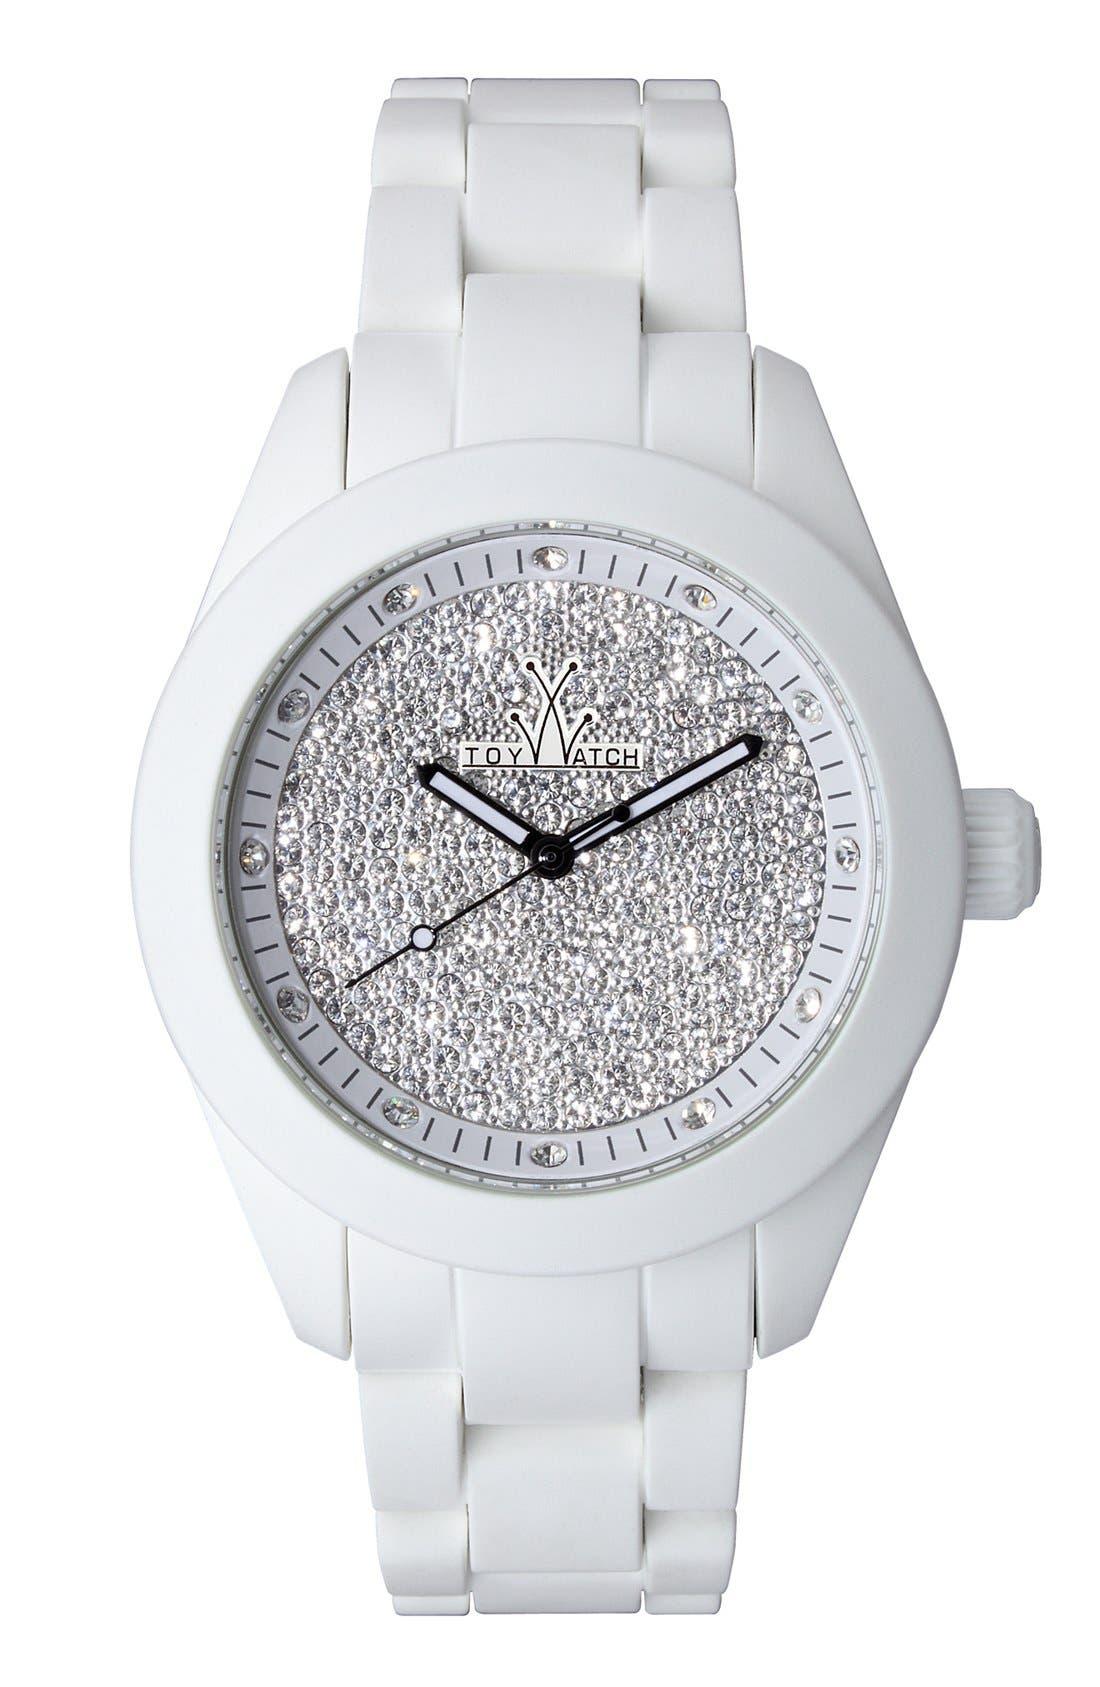 Main Image - TOYWATCH 'Velvety' Pavé Dial Bracelet Watch, 41mm